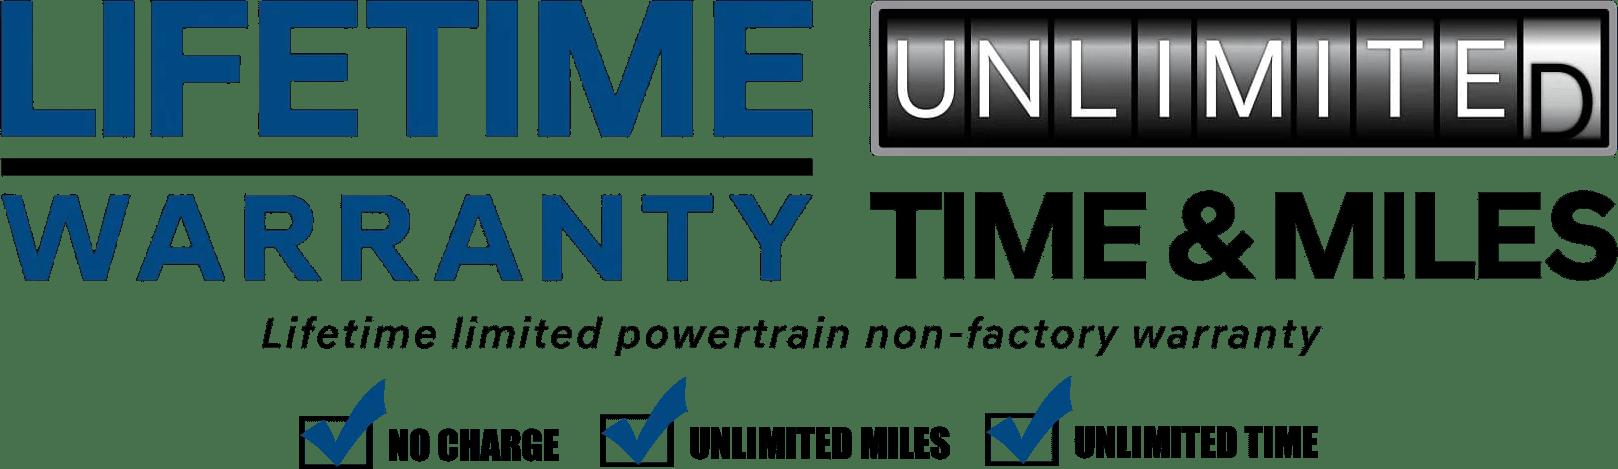 Certified Lifetime Unlimited Warranty image